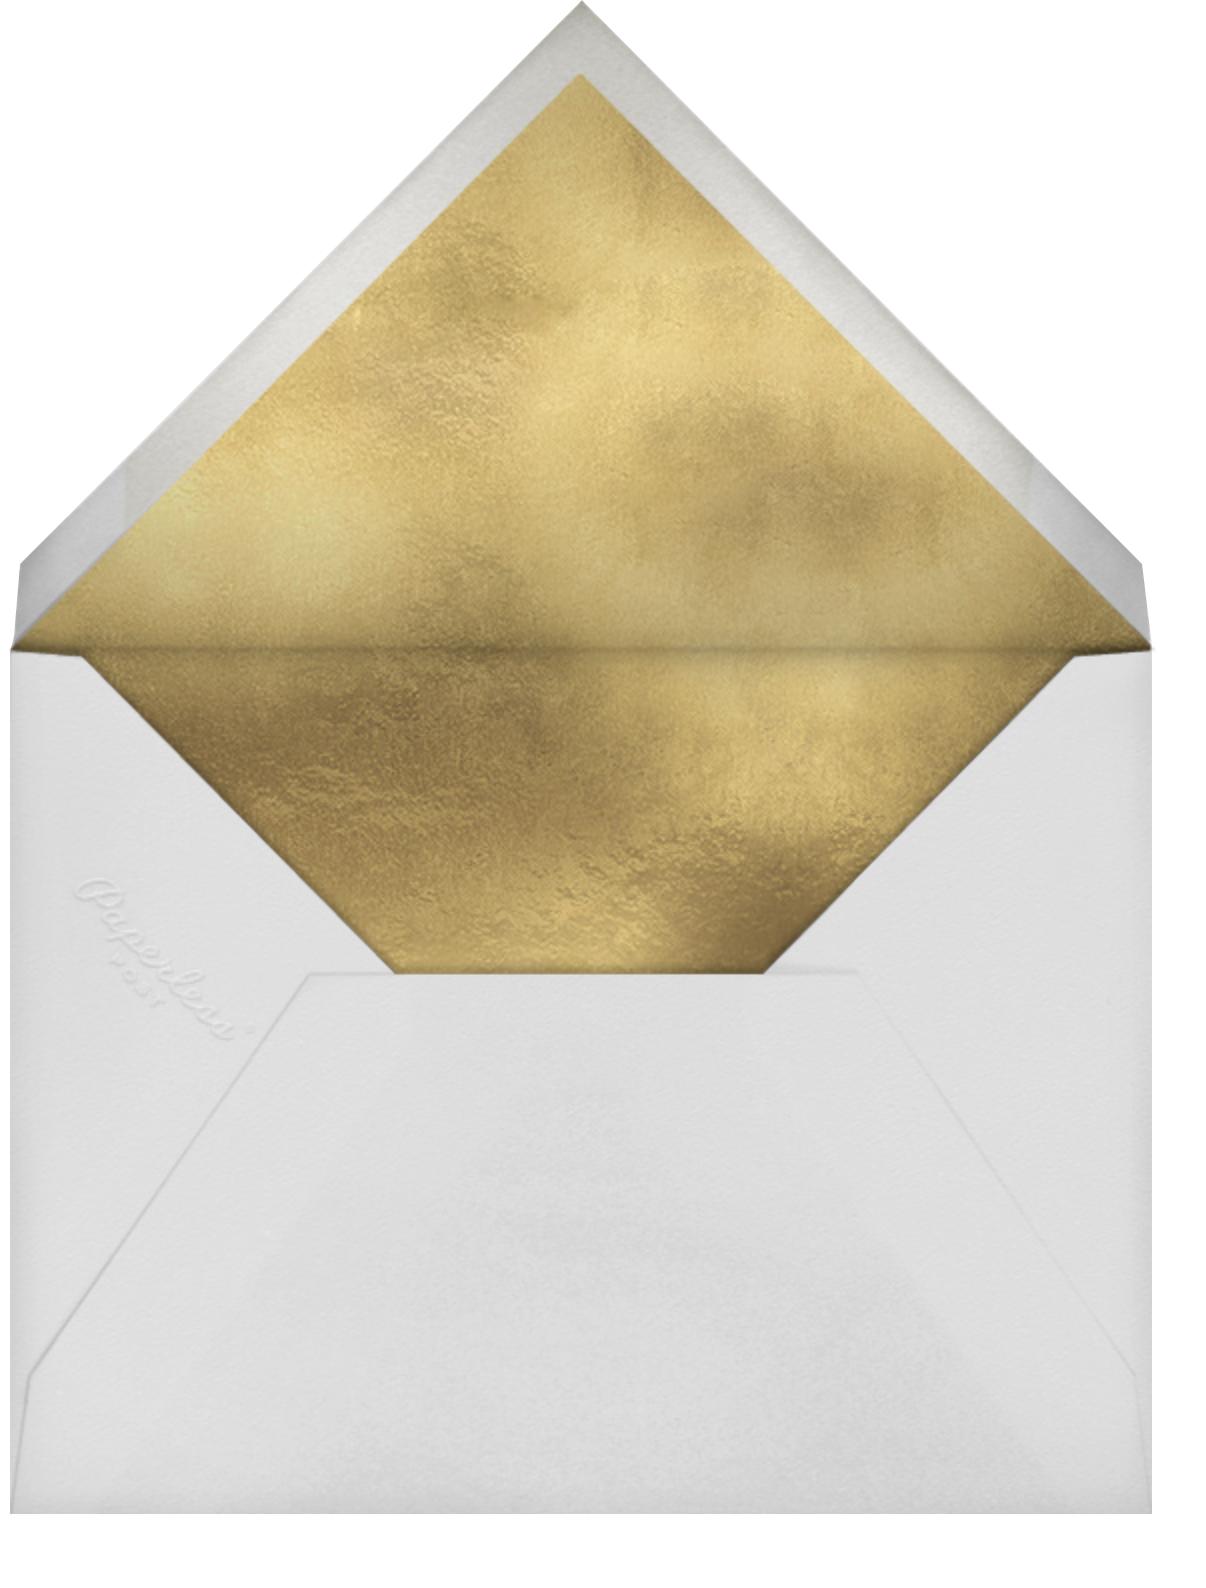 Penrose - Jonathan Adler - Adult birthday - envelope back